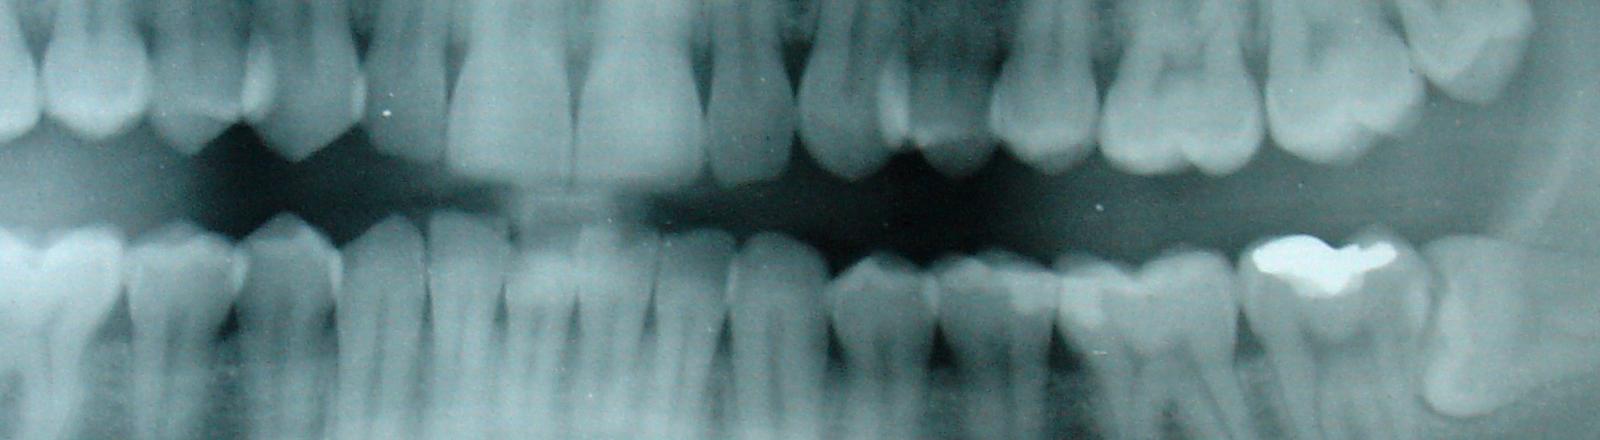 Eine geröntgte Zahnreihe mit Amalgam-Füllung.